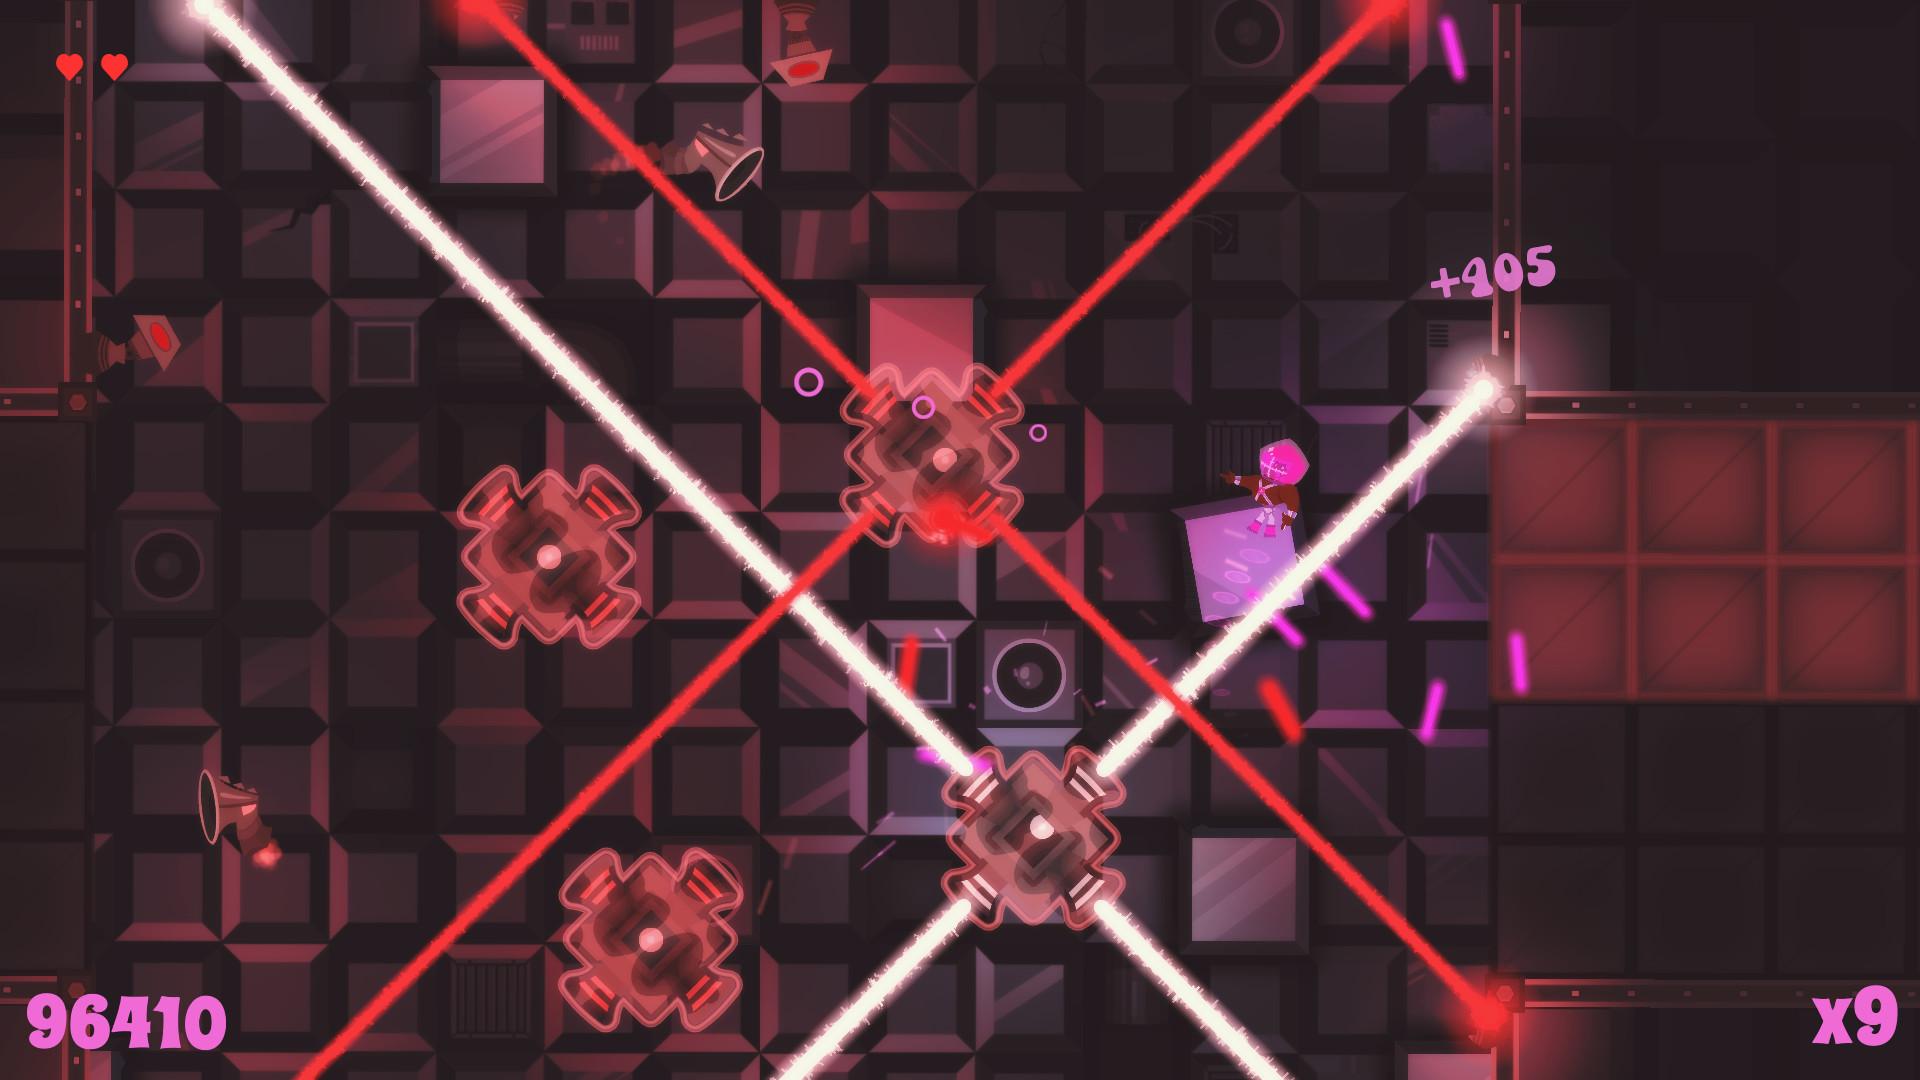 com.steam.452920-screenshot